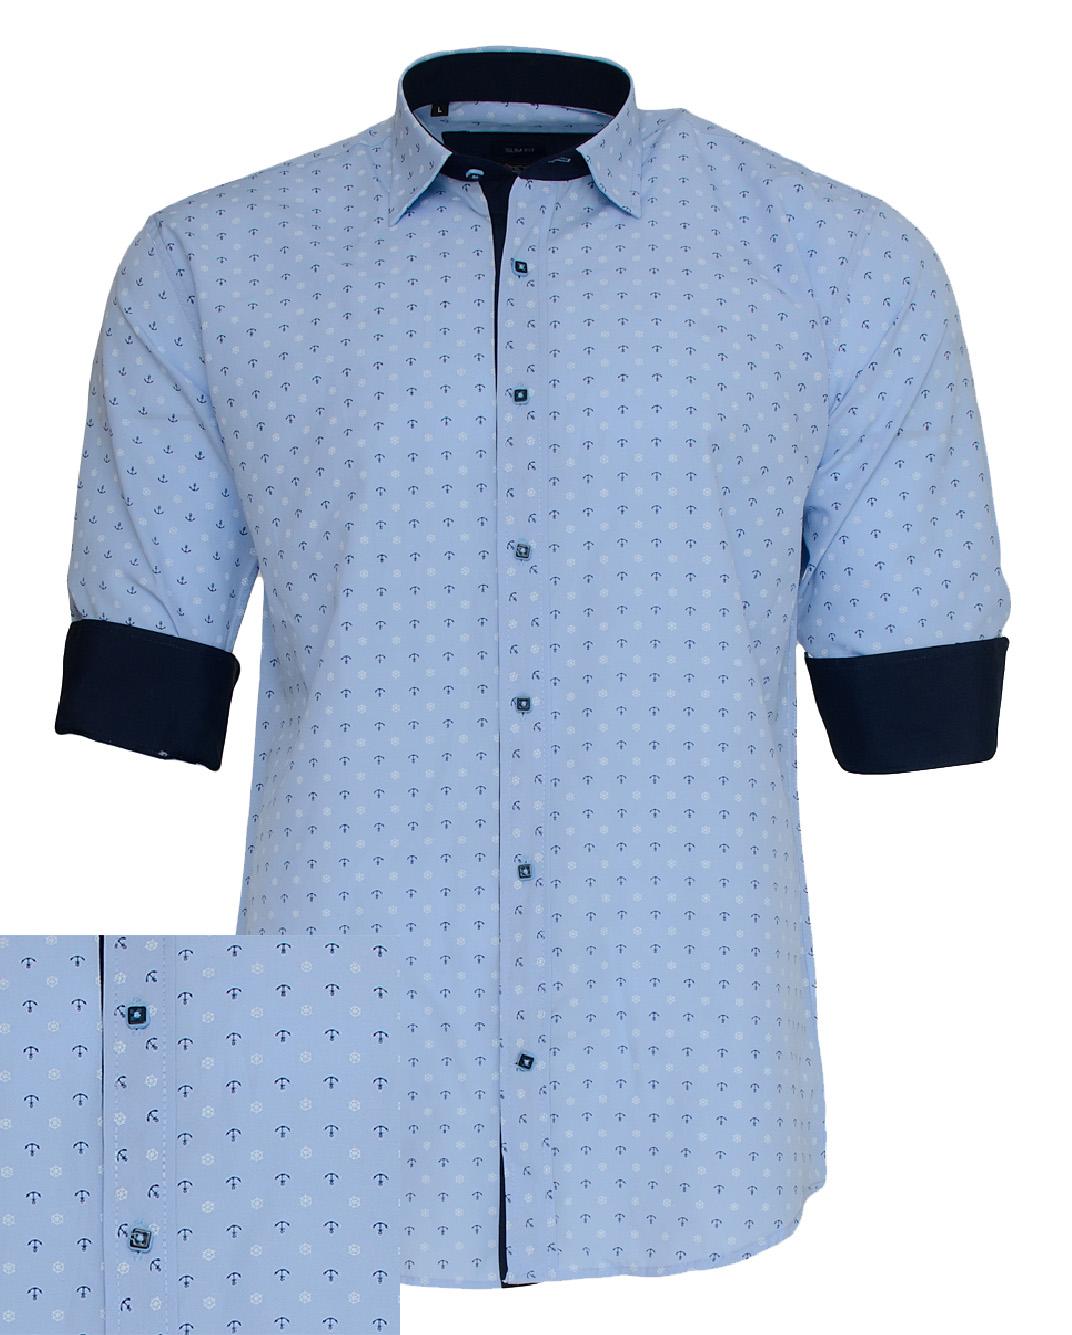 Ανδρικό Πουκάμισο So Fashion Ciel Anchor-Σιέλ αρχική ανδρικά ρούχα πουκάμισα